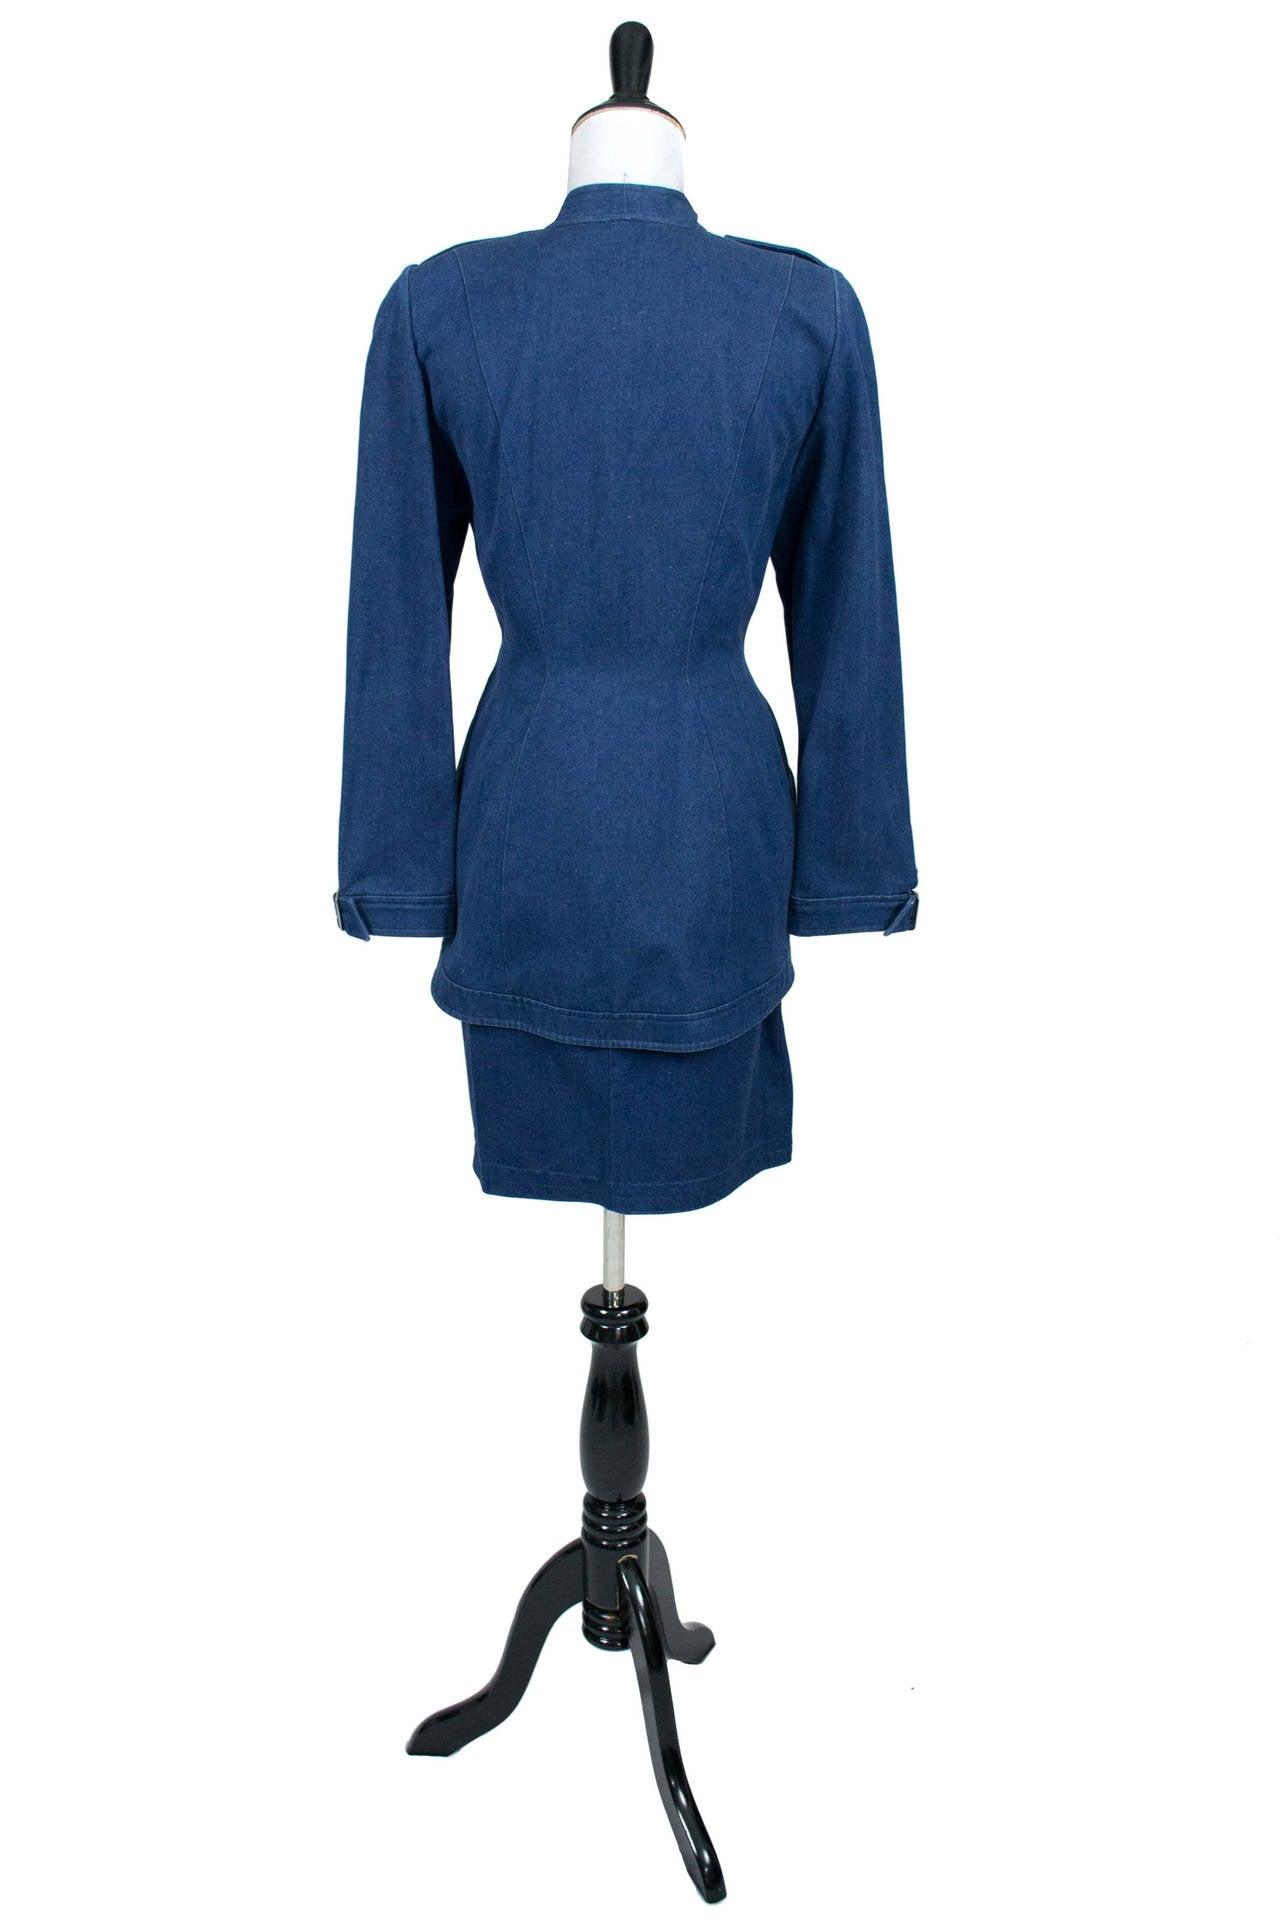 Thierry Mugler 1980's Designer Vintage Suit Denim Skirt Blazer Buckles 2